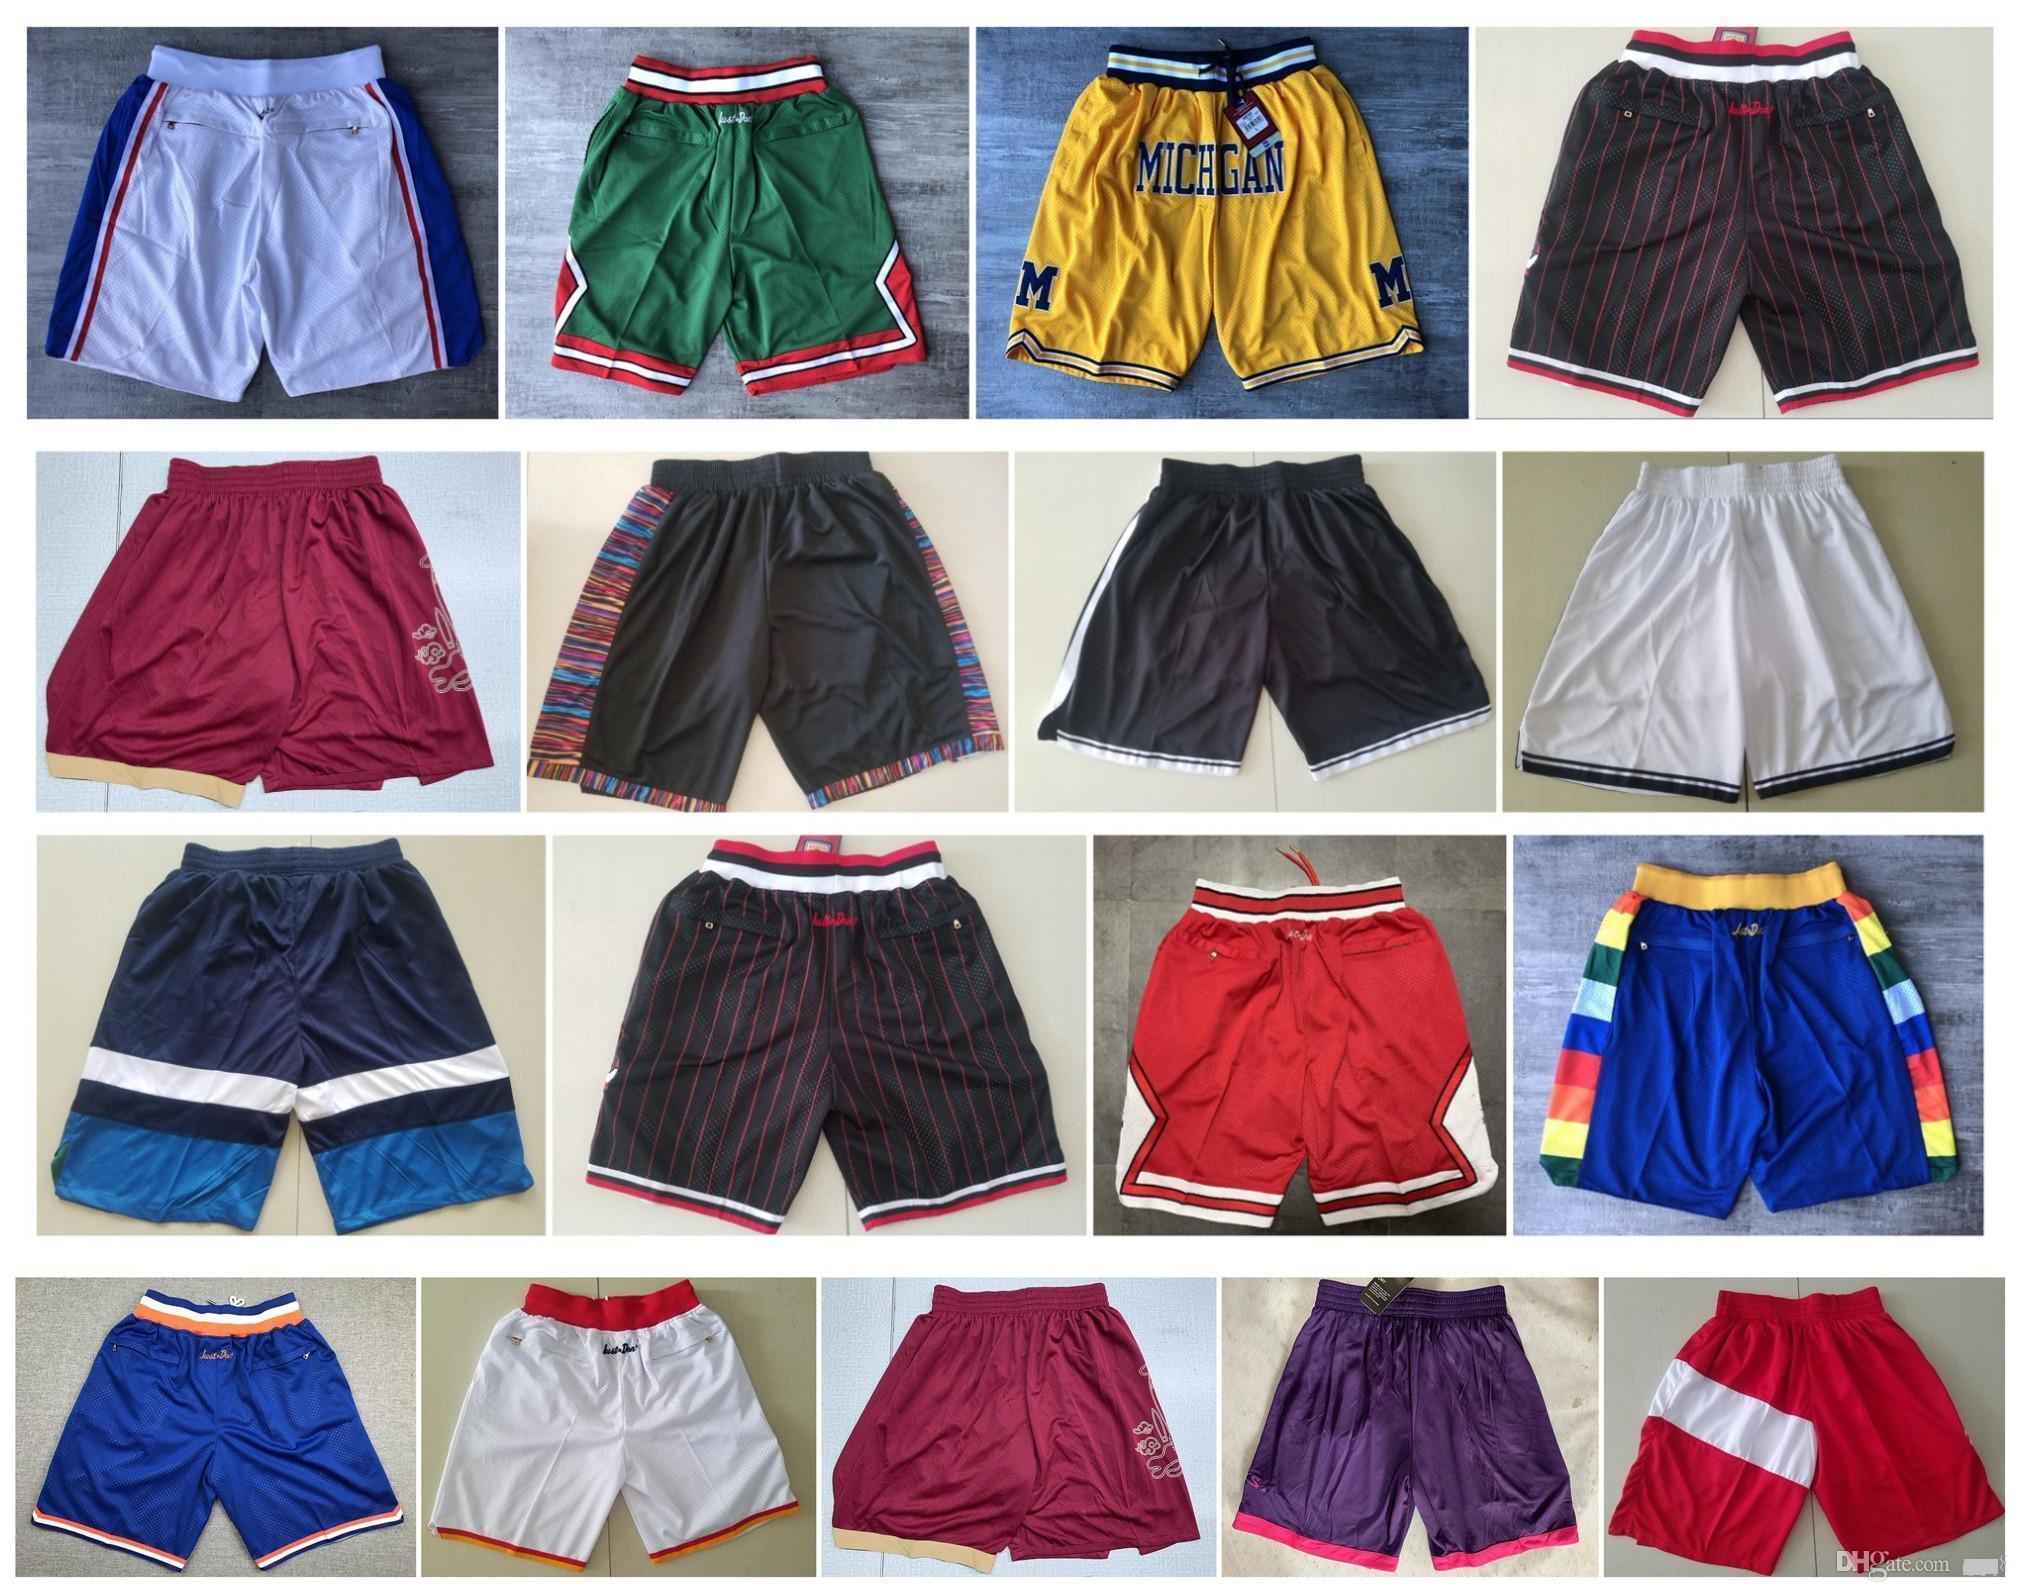 أعلى جودة ! Michigan Wolverines السراويل كرة السلة Pantaloncini دا سلة الرياضة السراويل السراويل السراويل الكلية دون جيب أبيض أسود